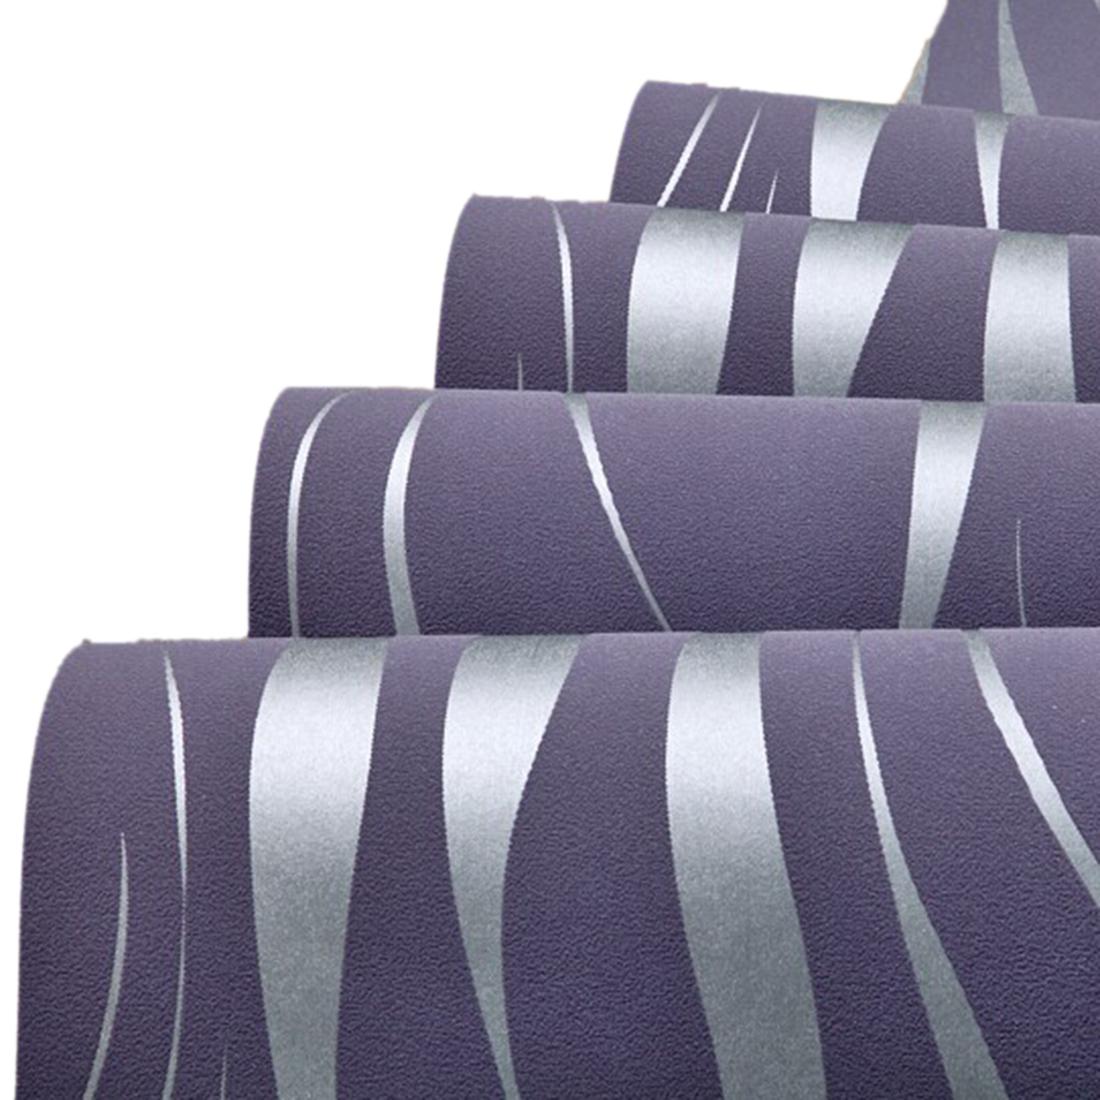 onde de bande non tisse papier peint fond violetm3j1 ebay. Black Bedroom Furniture Sets. Home Design Ideas